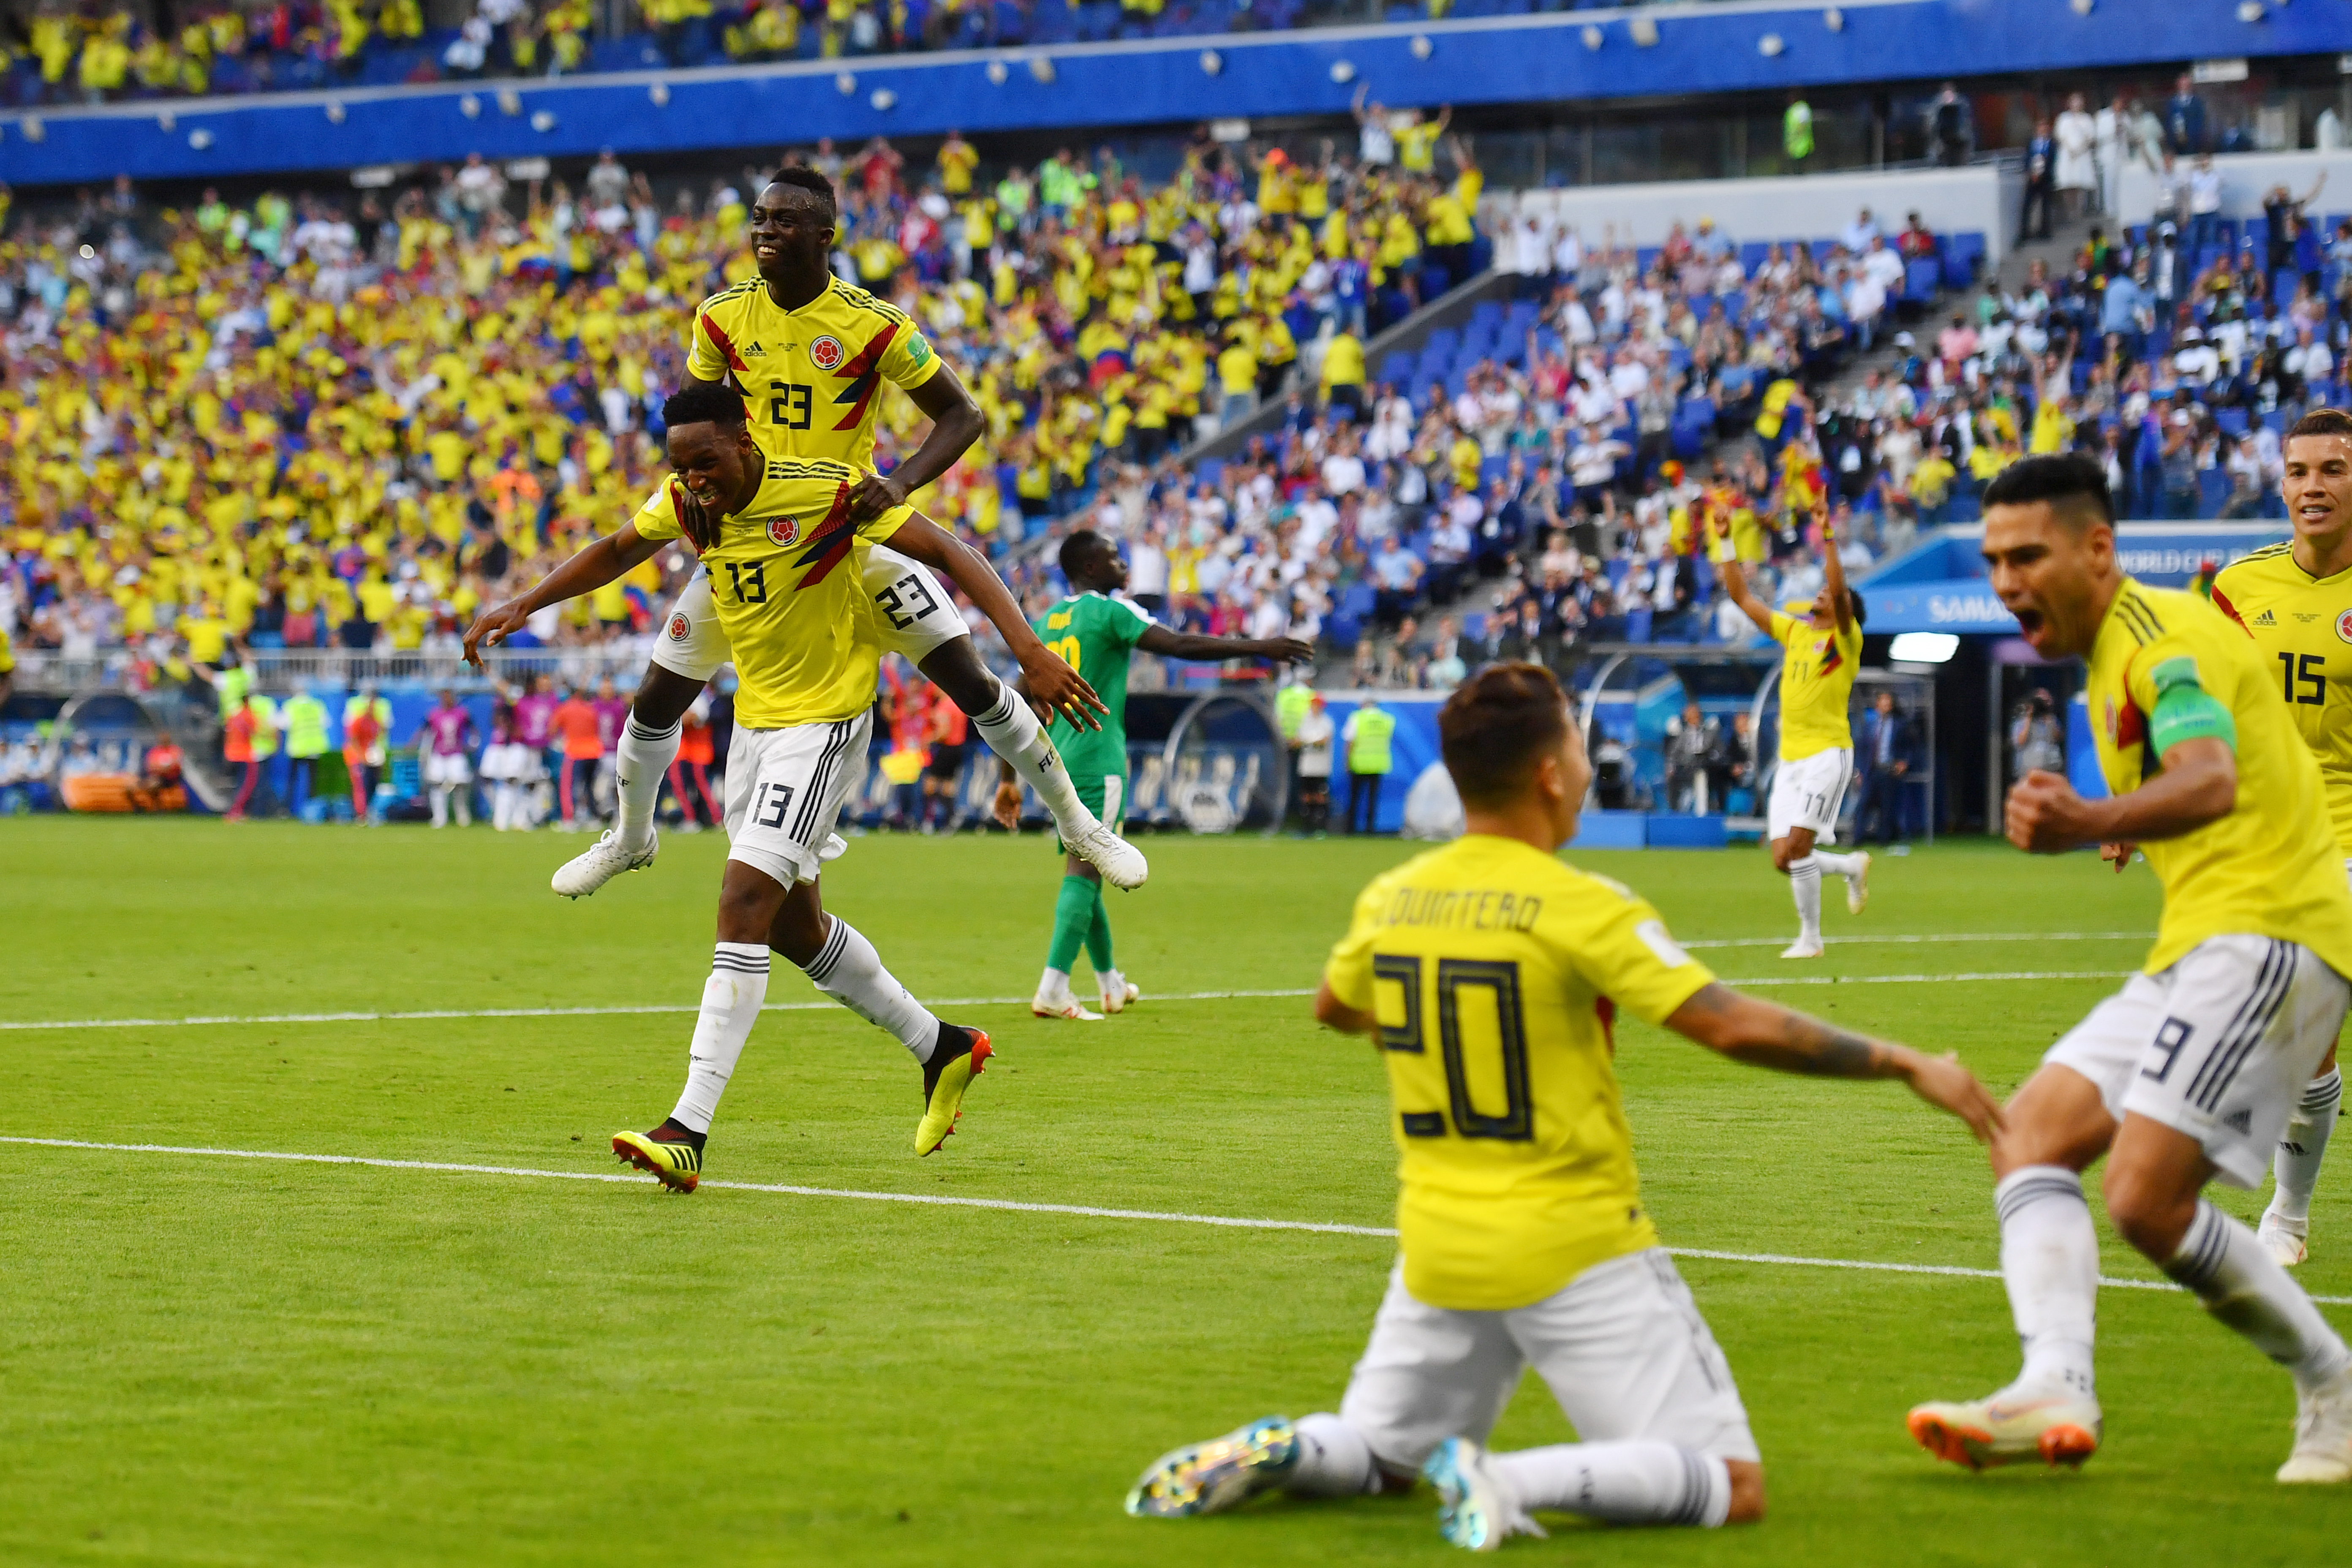 Elképesztő dráma: Szenegál kikapott Kolumbiától és több sárga lapja miatt kiesett a vébéről